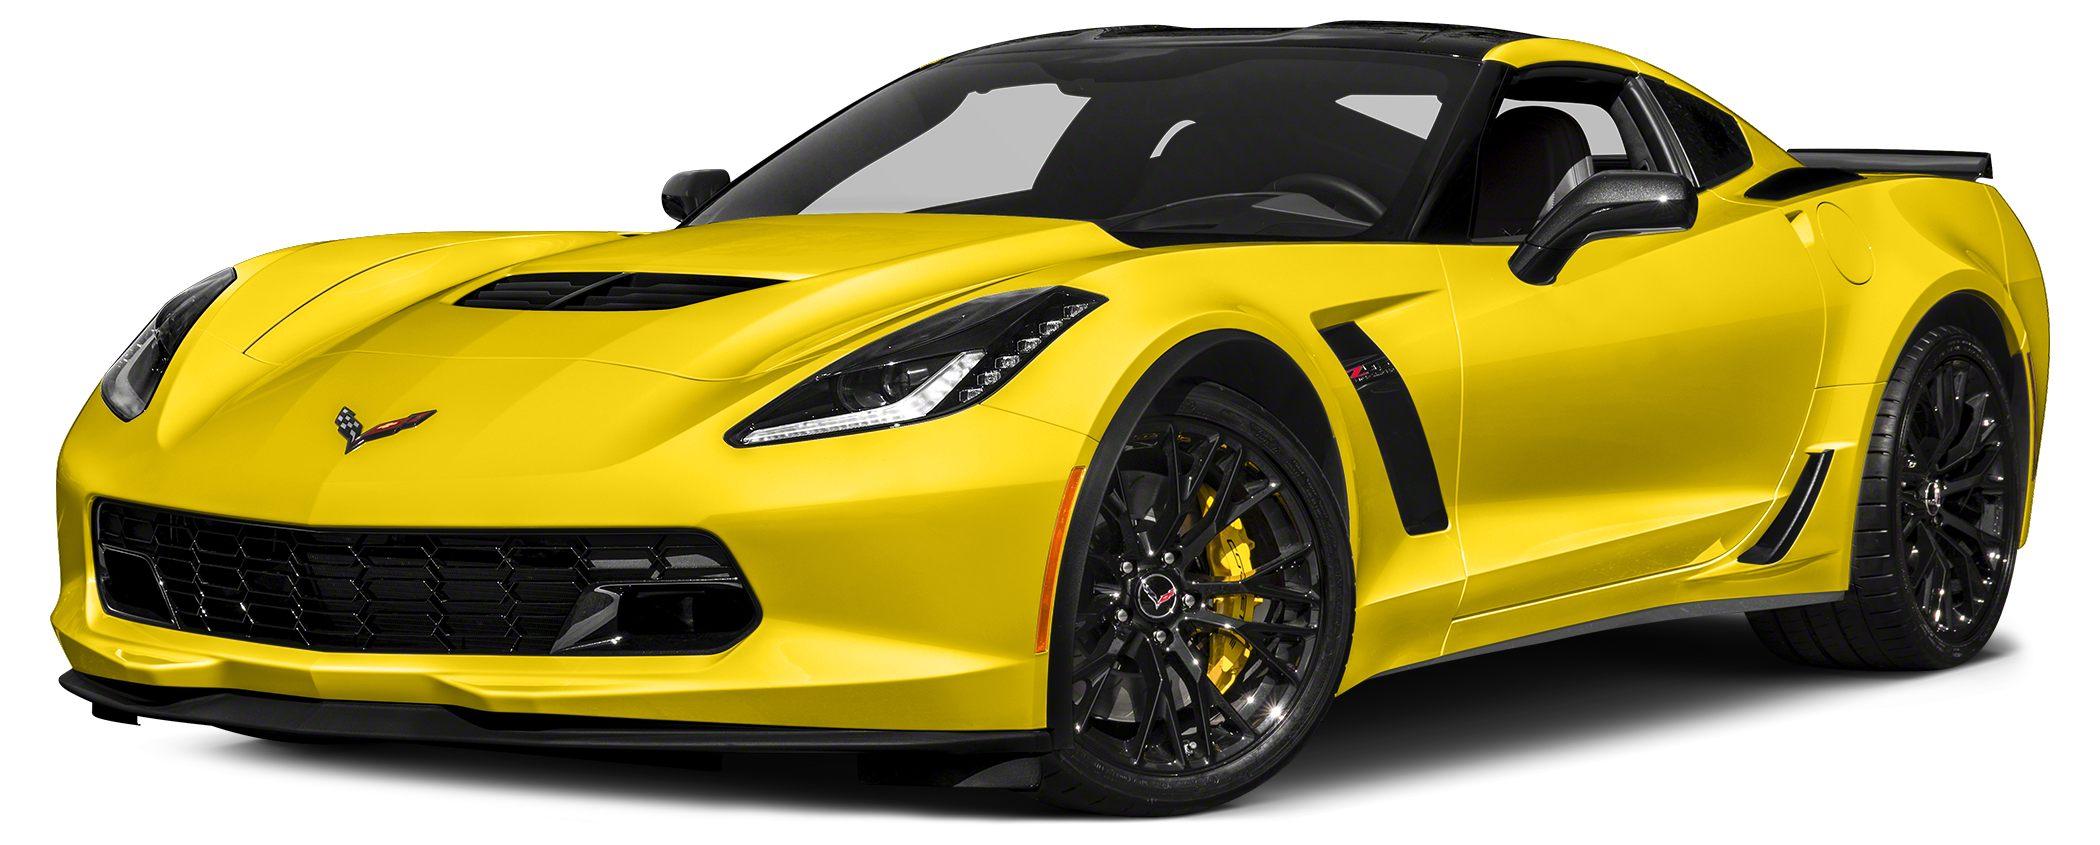 2016 Chevrolet Corvette Z06 Color Torch Red Stock 0SQVN6B VIN 1G1YT2D61G5600987